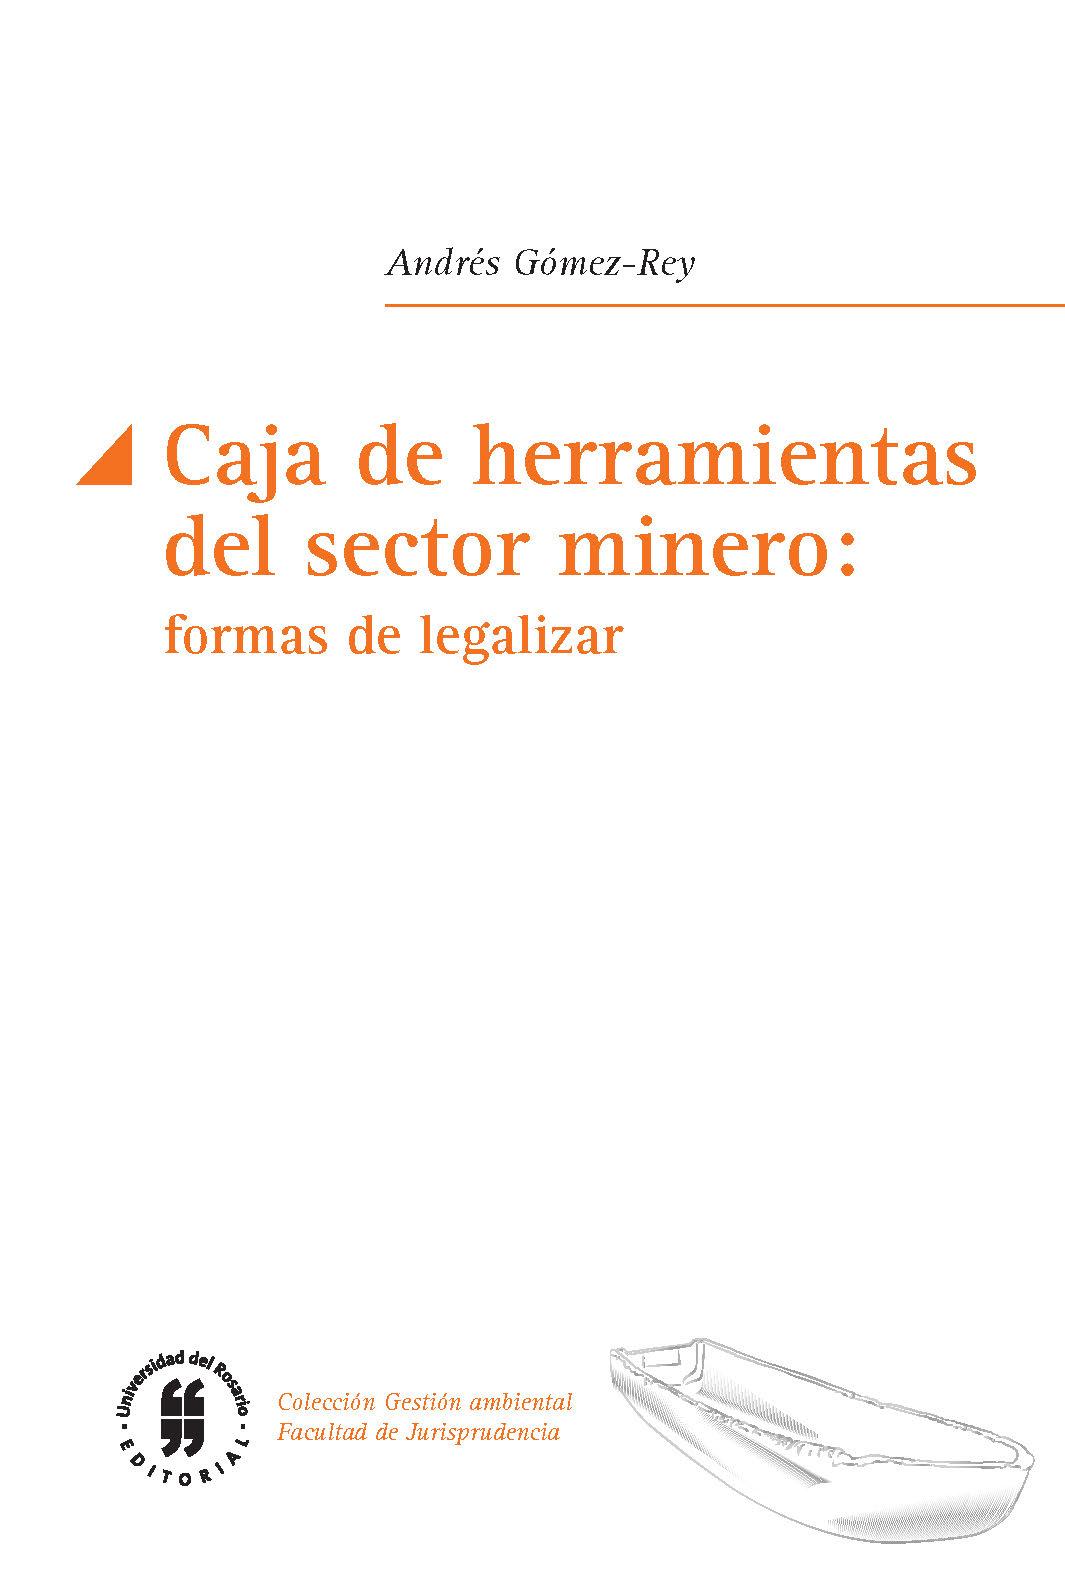 Caja de herramientas del sector minero: formas de legalizar